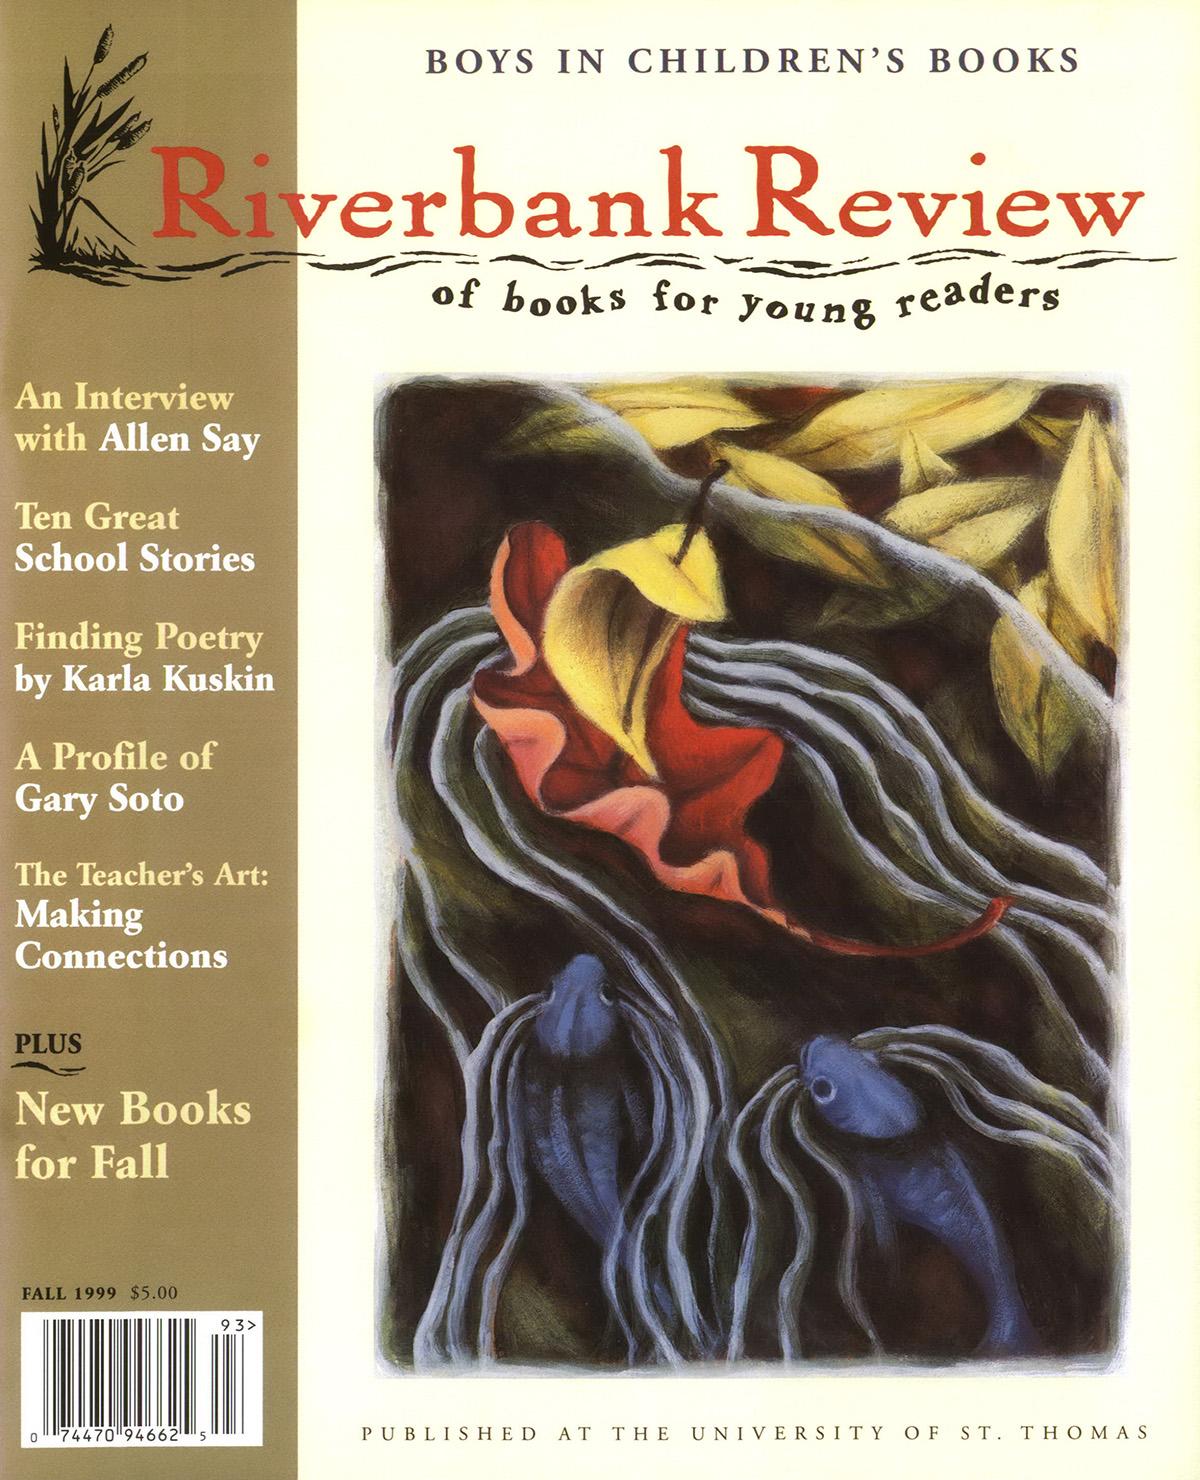 Fall 1999: Lauren Stringer cover